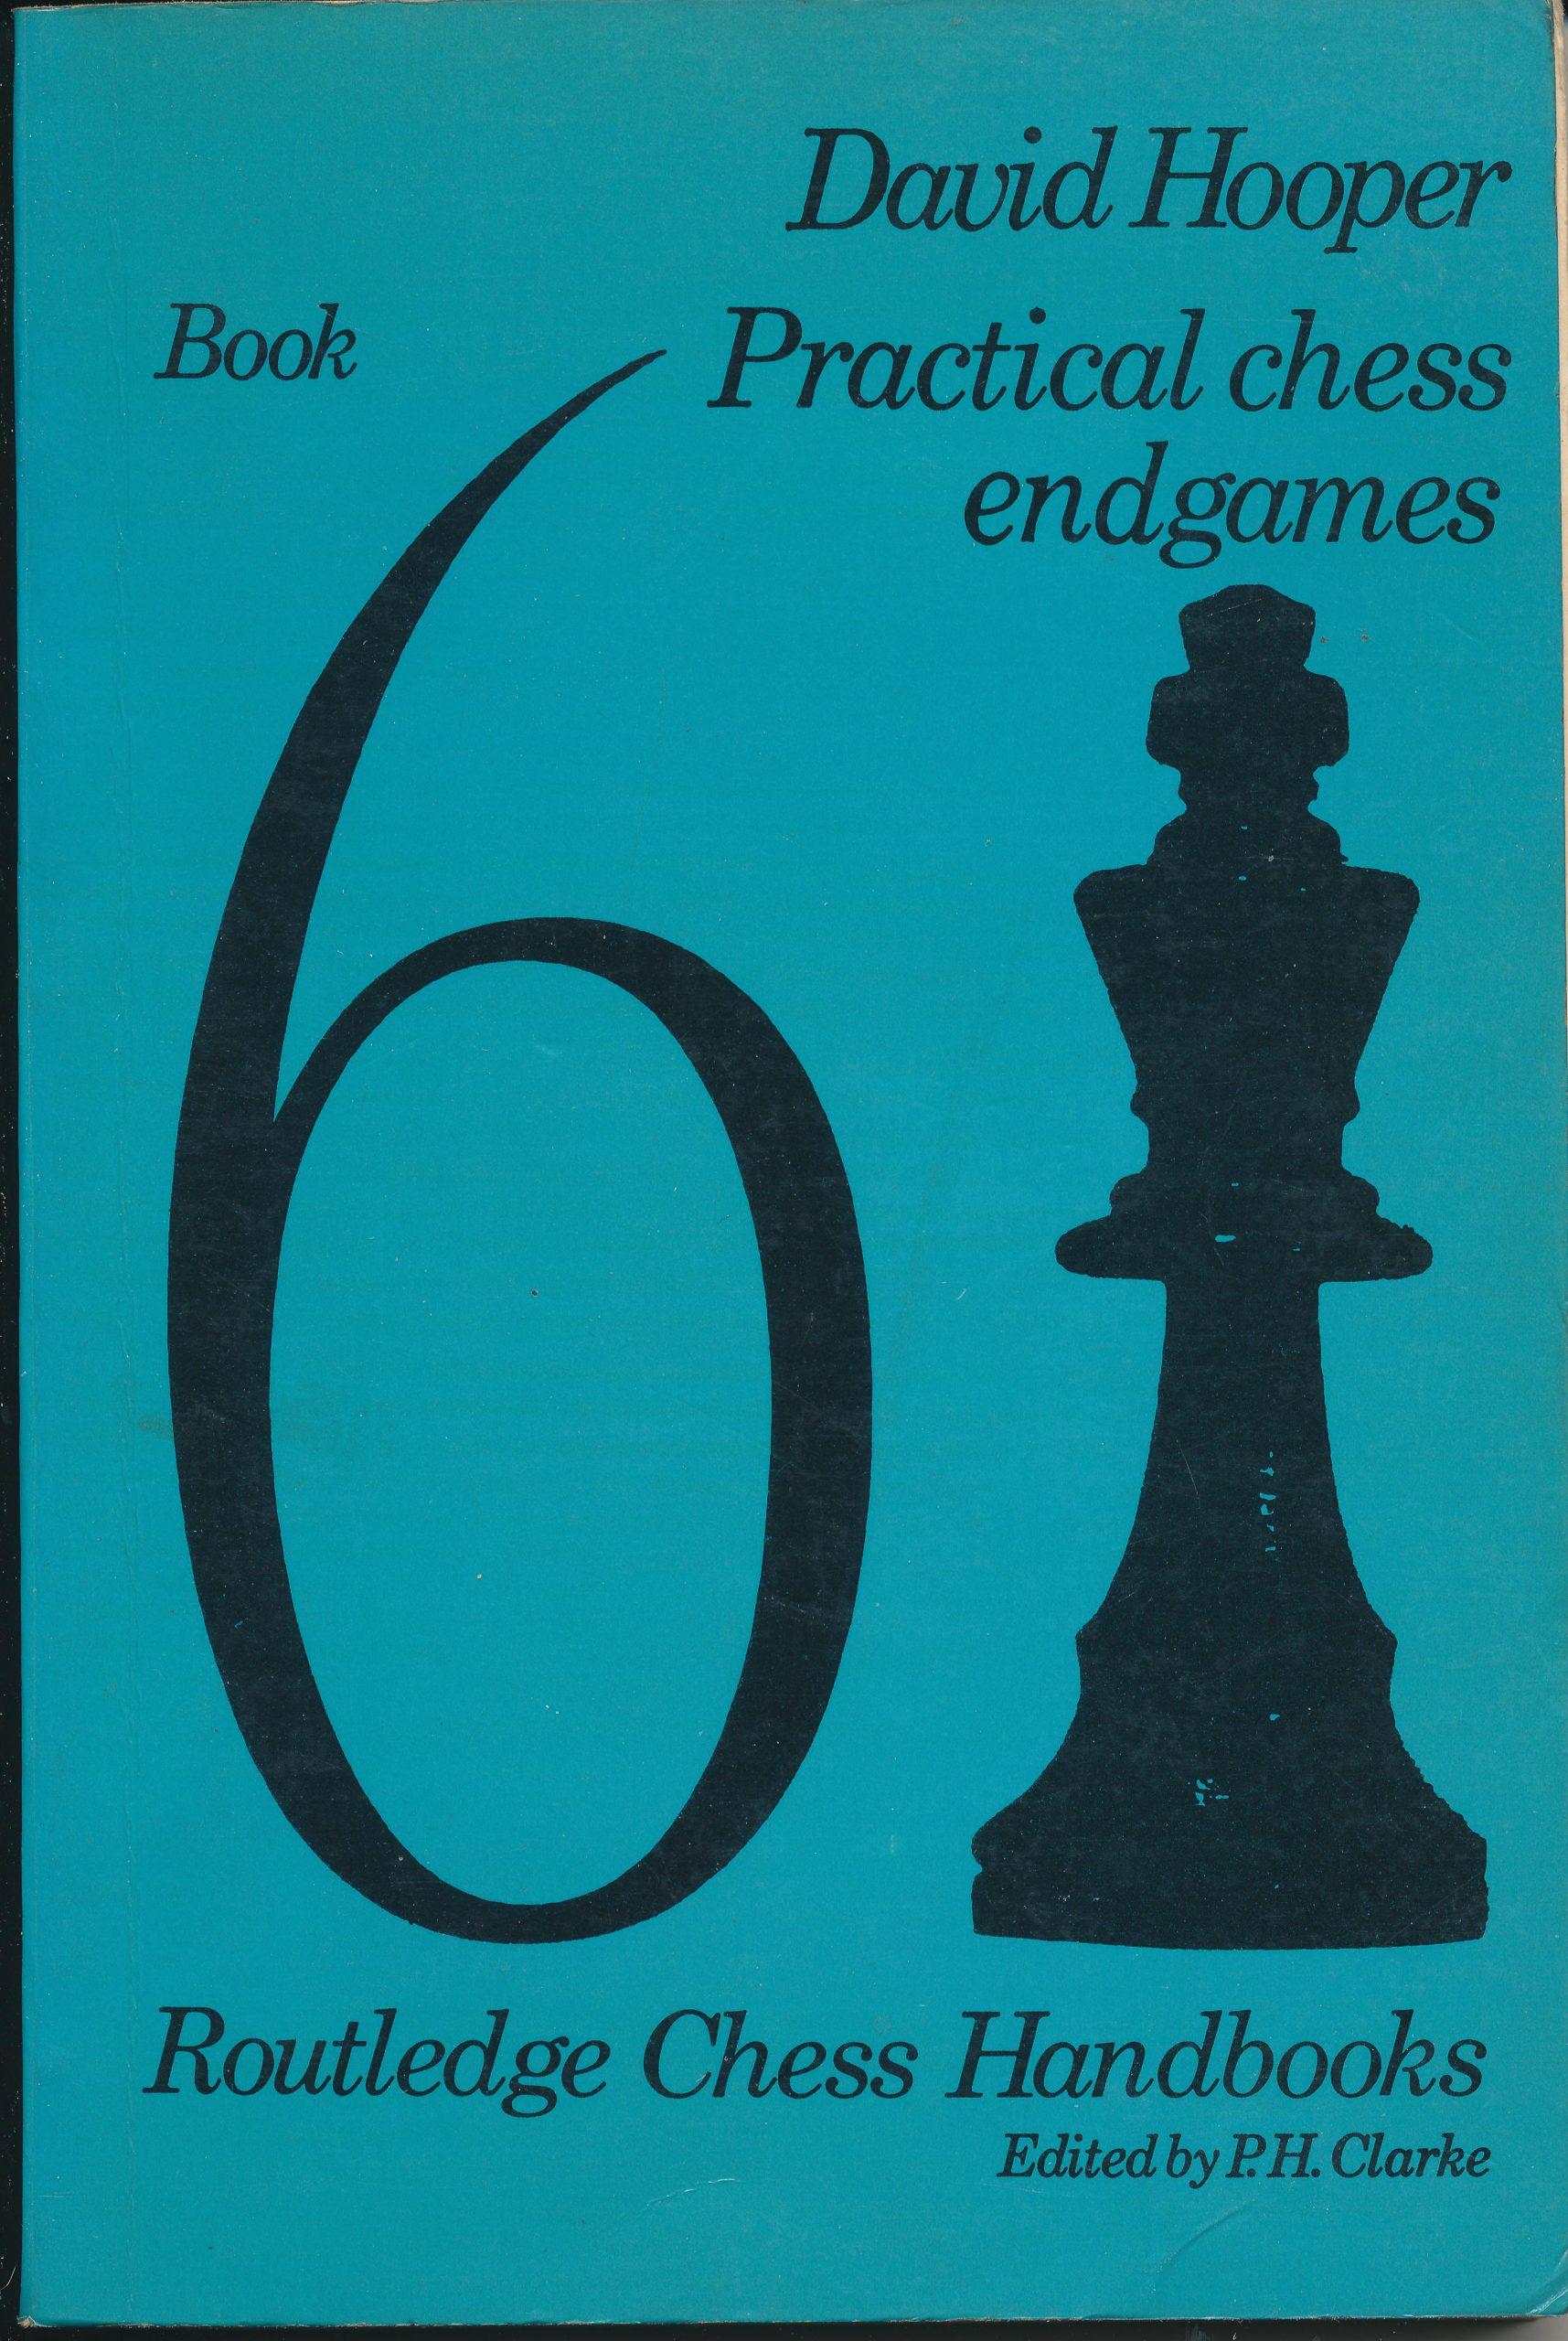 Practical Chess Endgames (Chess Handbooks), David Hooper, Routledge & Kegan Paul, London, 1968, ISBN 0 7100 5226 X